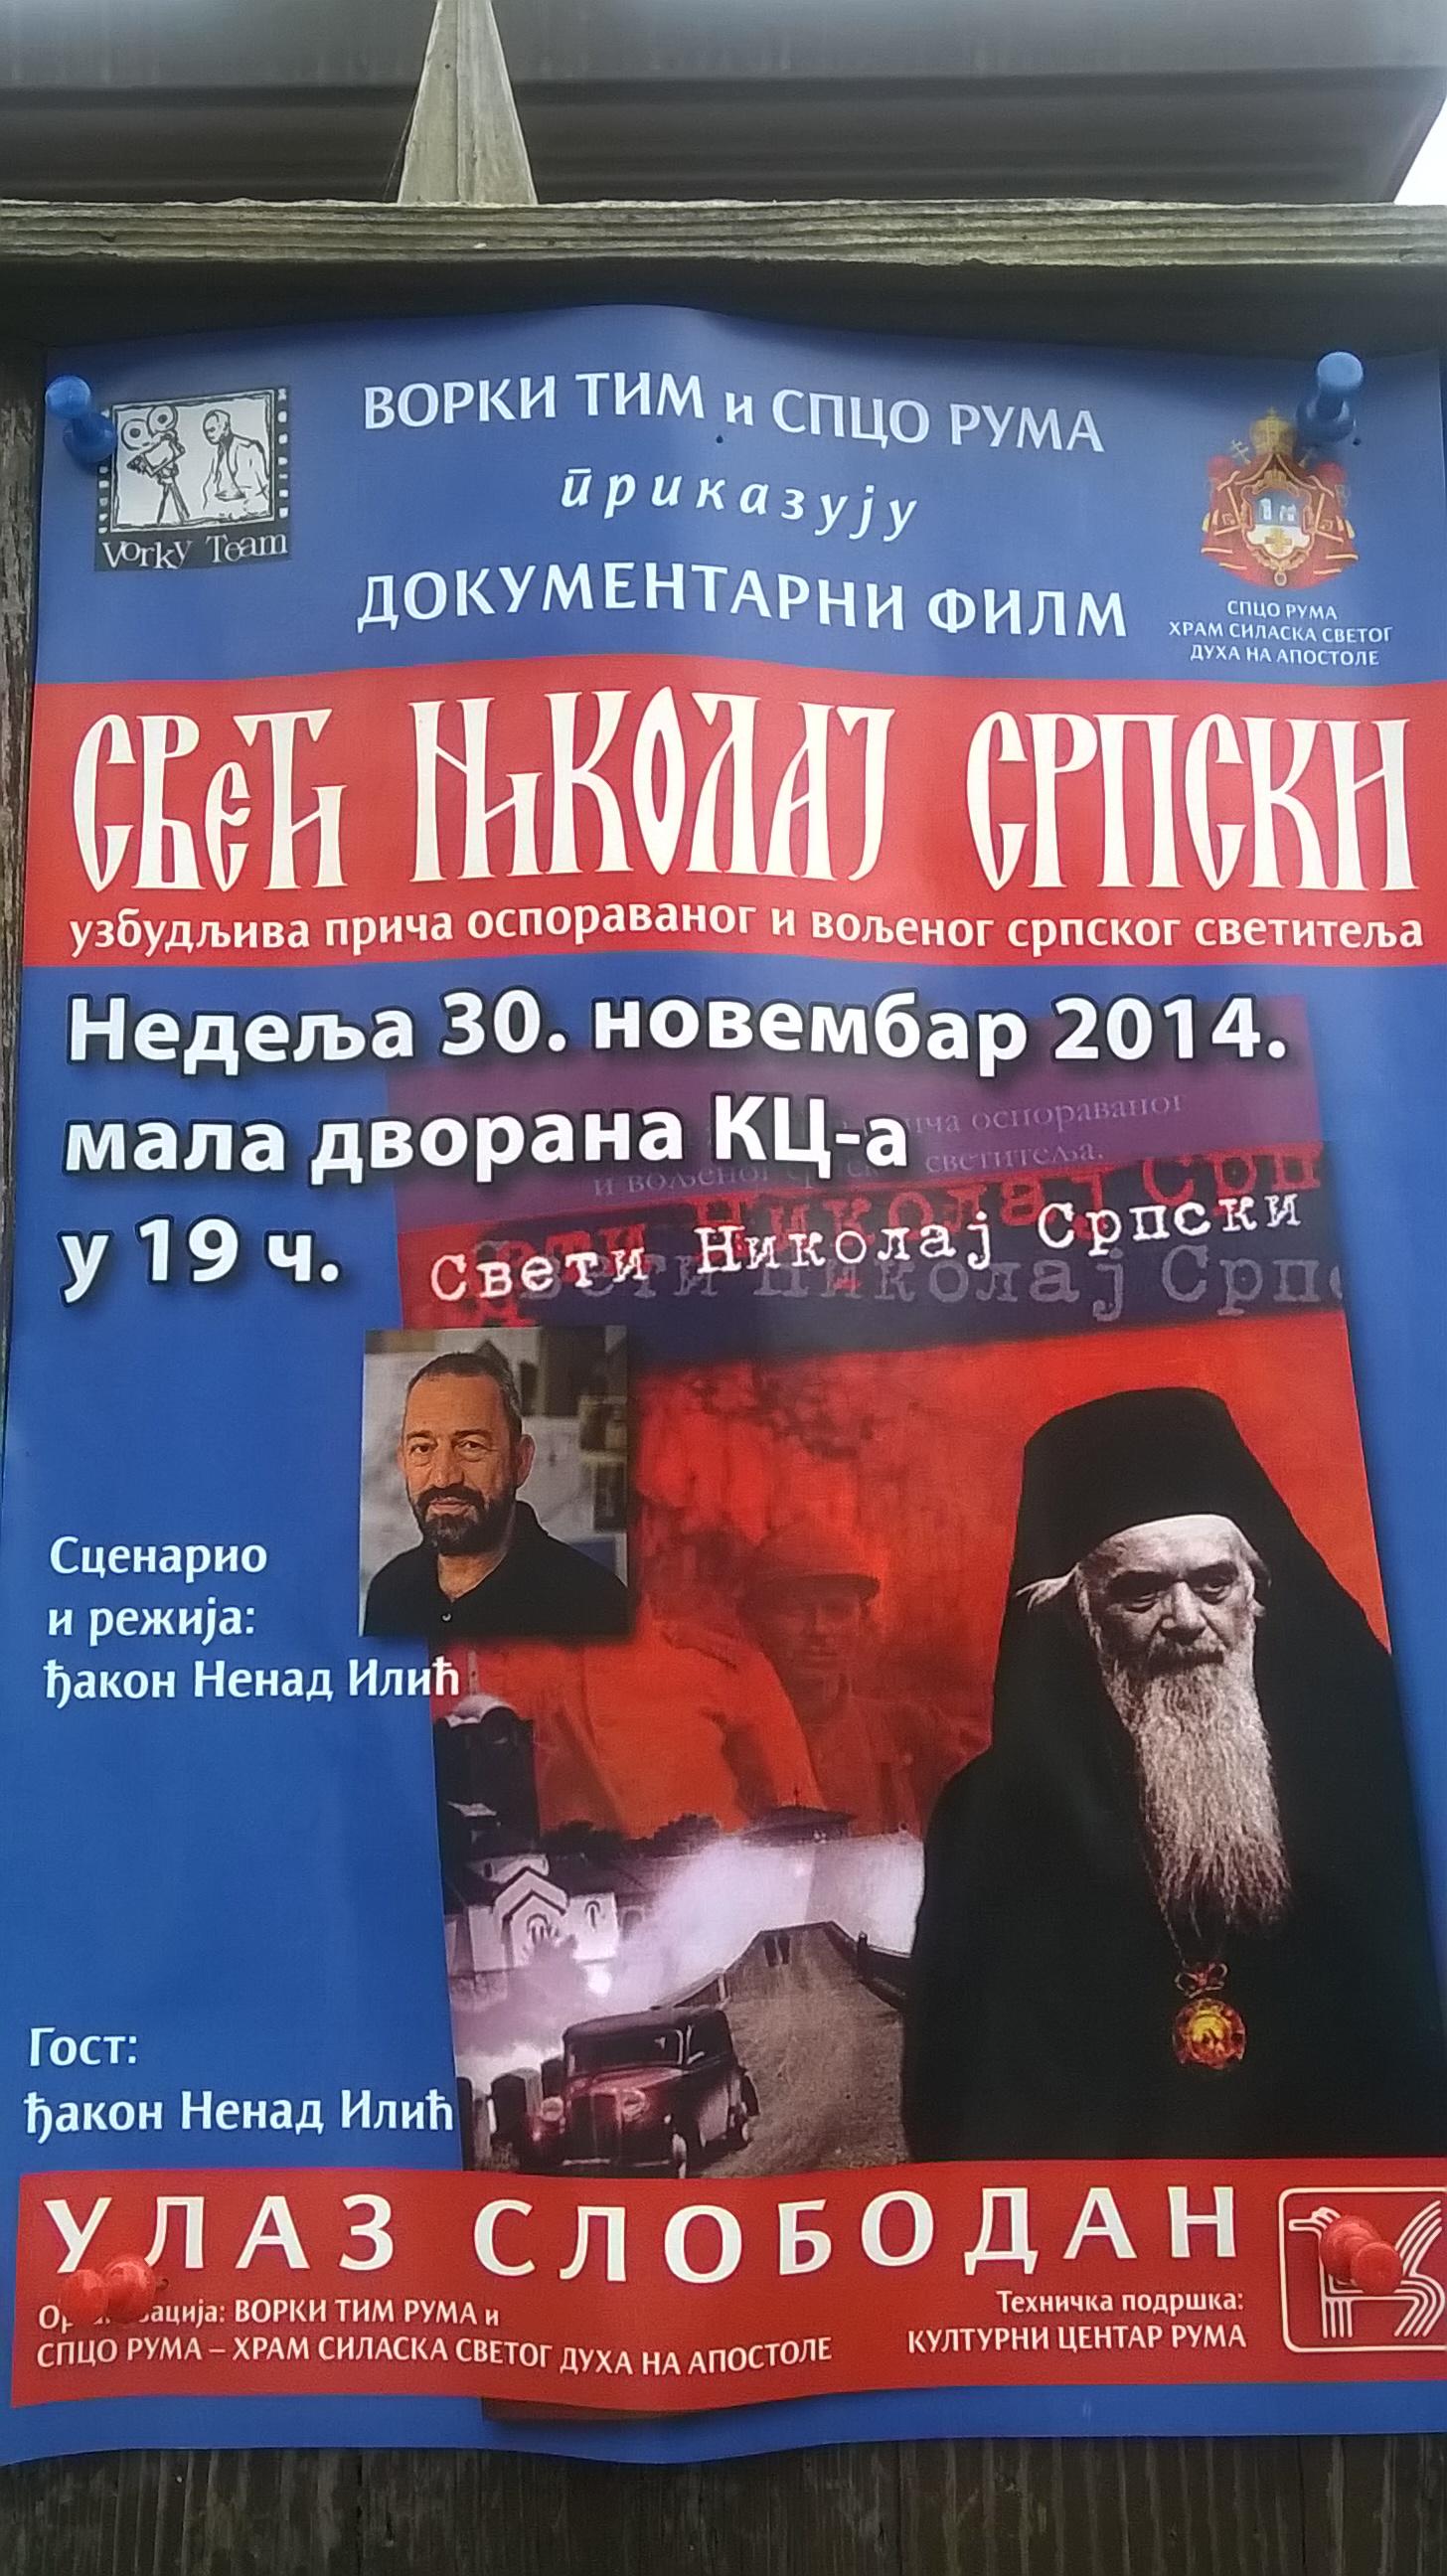 Најава: Филм о Светом Николају Српском